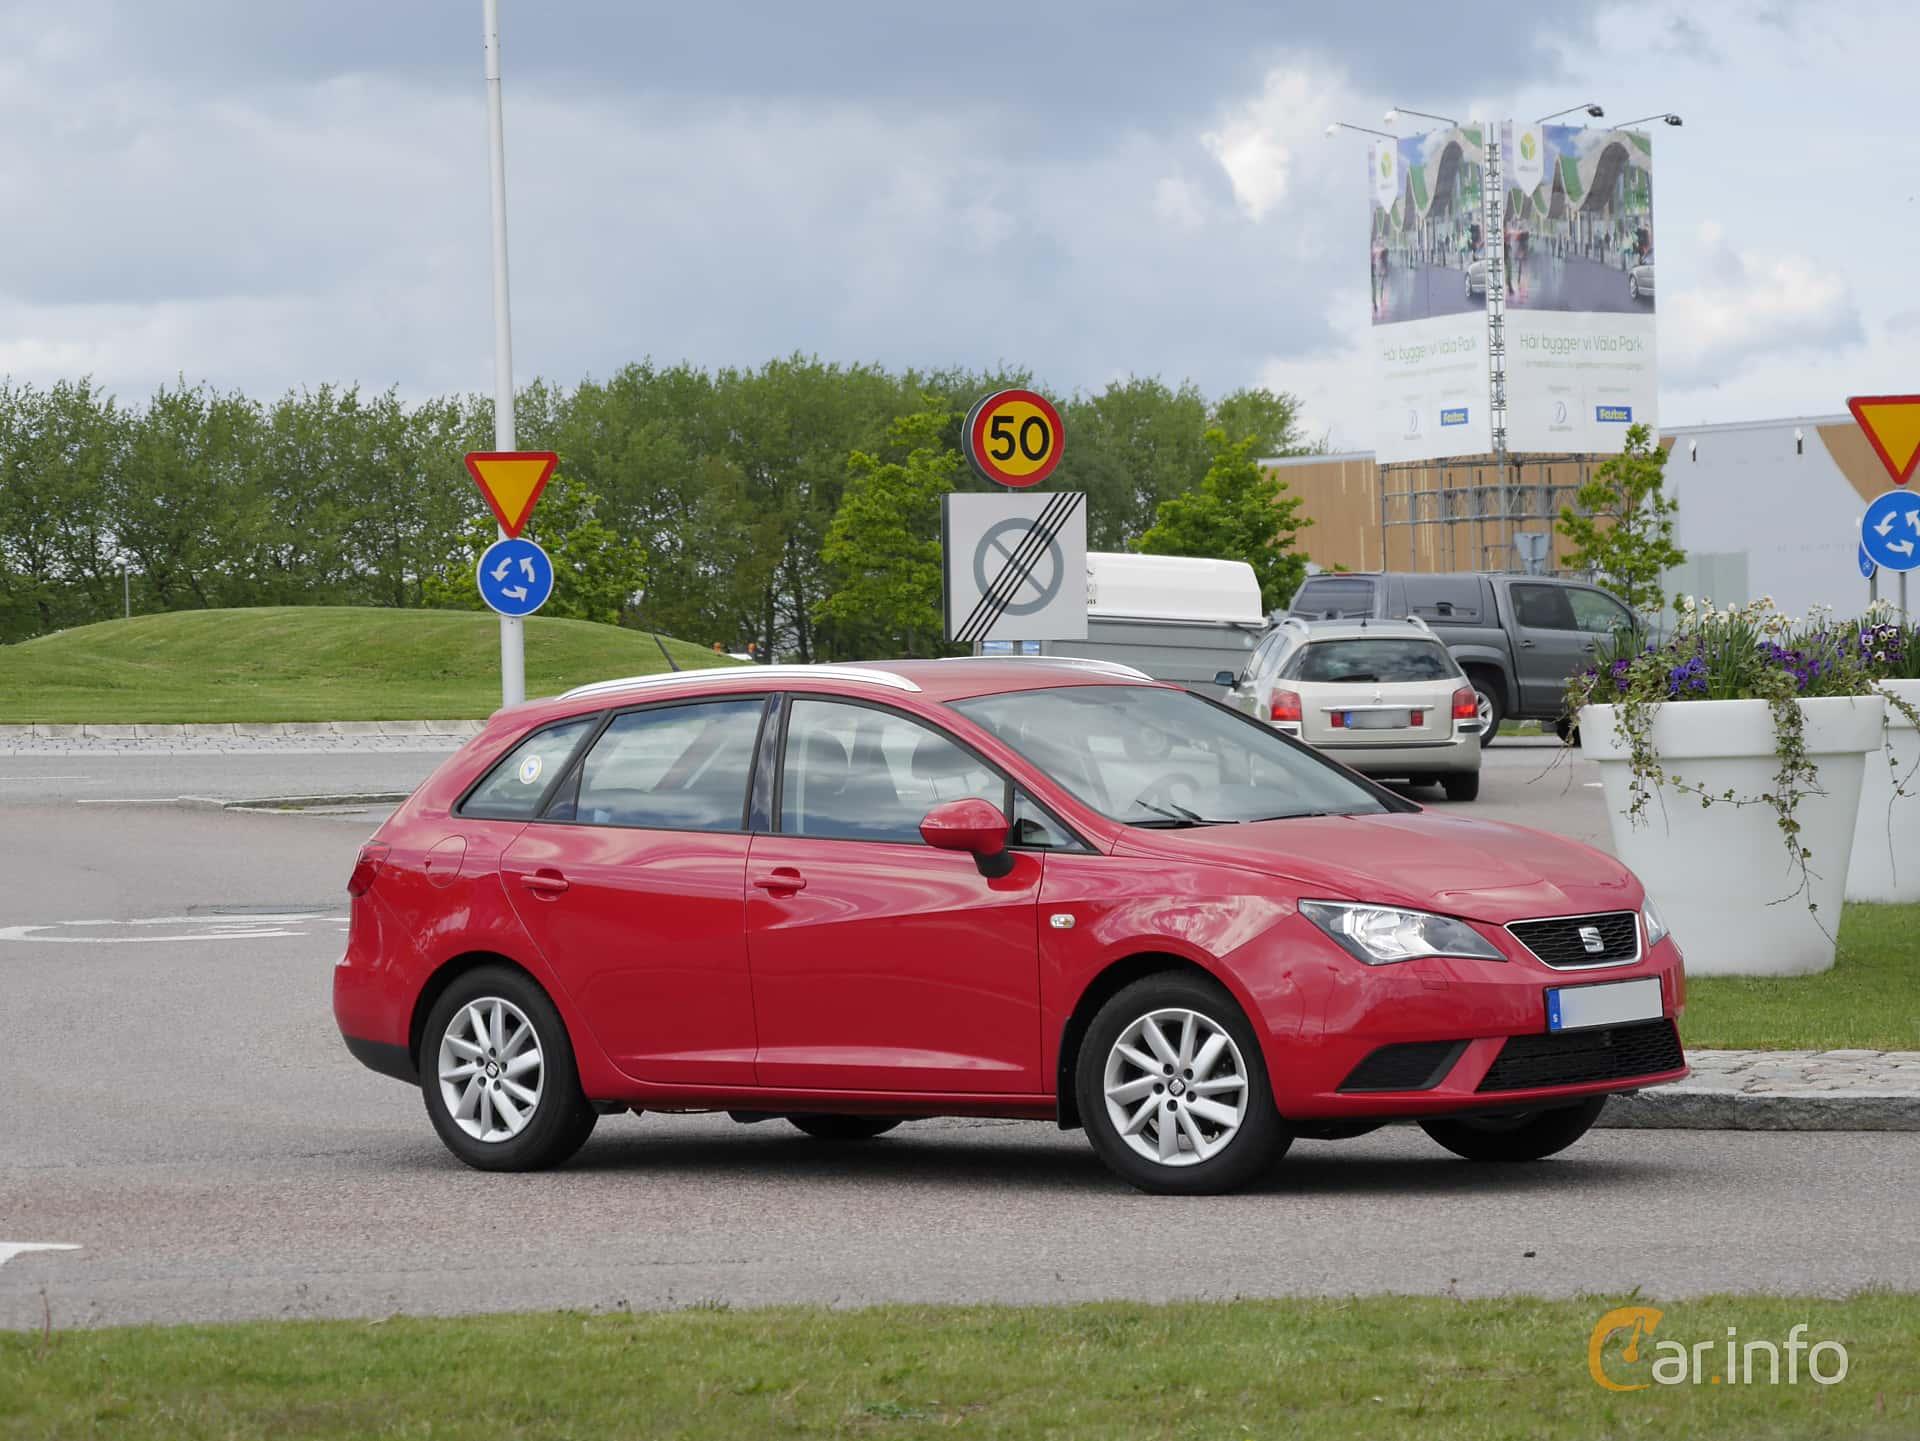 SEAT Ibiza ST 1 2 TDI Manual, 75hp, 2014